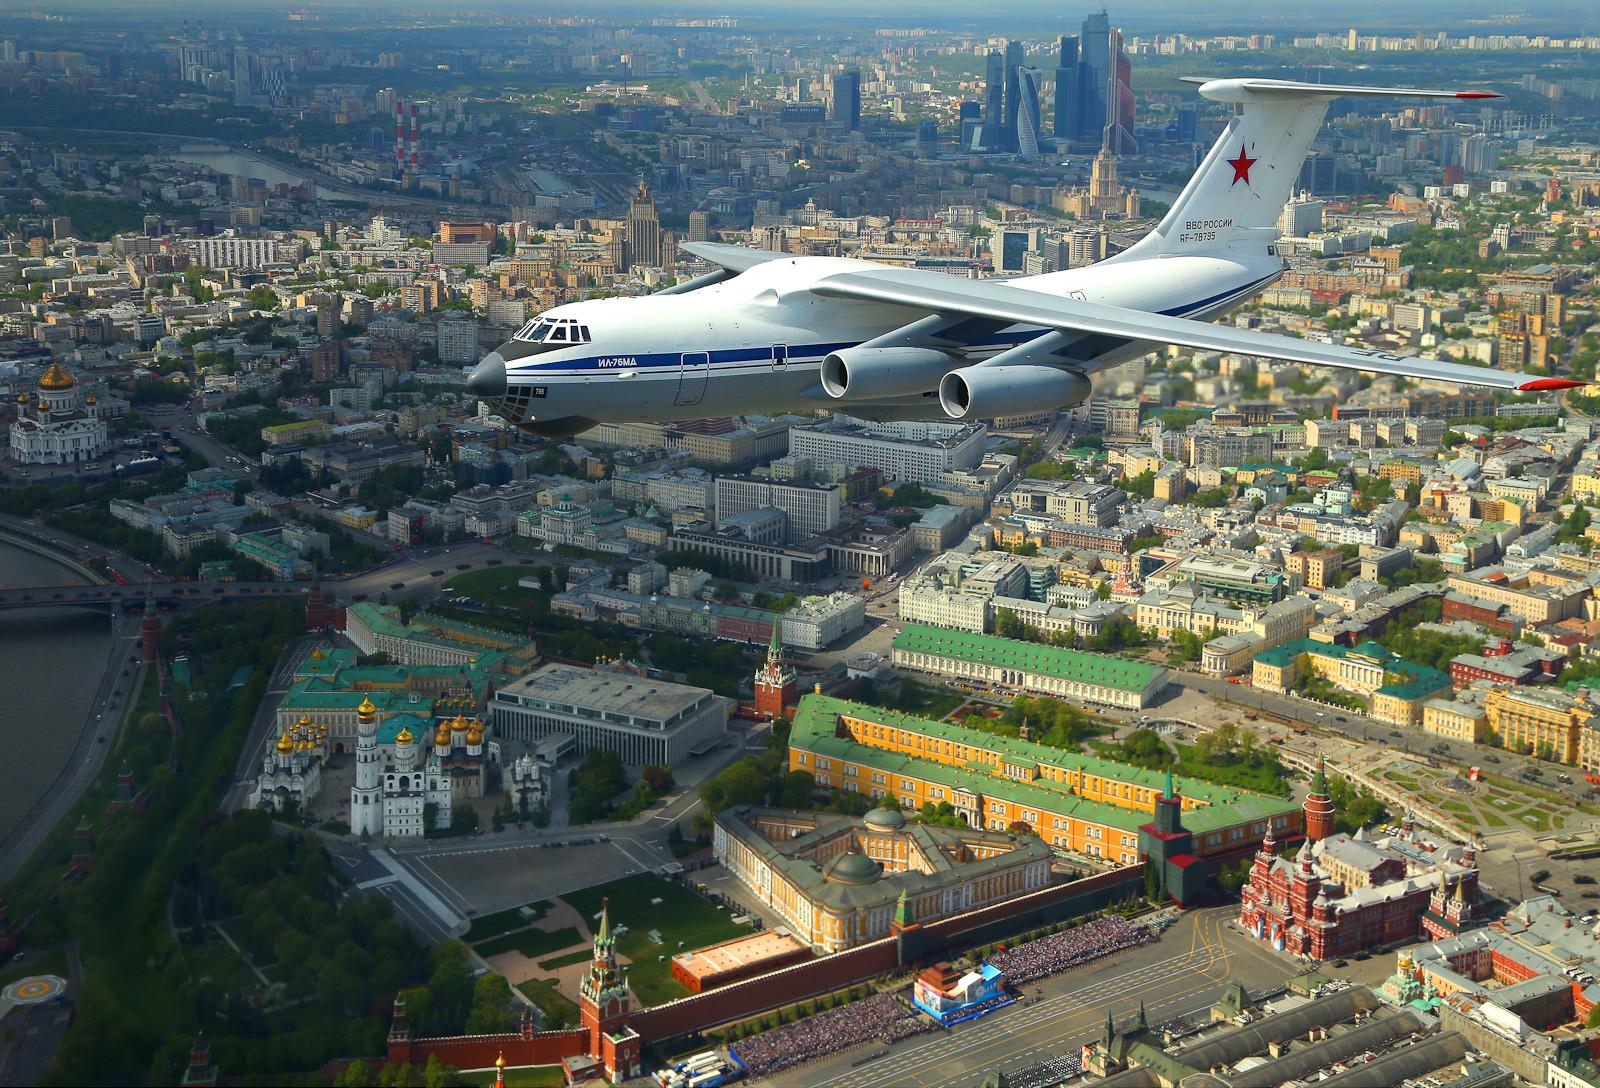 Ilyushin Il-76, pesawat angkut dengan empat mesin turbofan, mengudara di atas Kremlin.